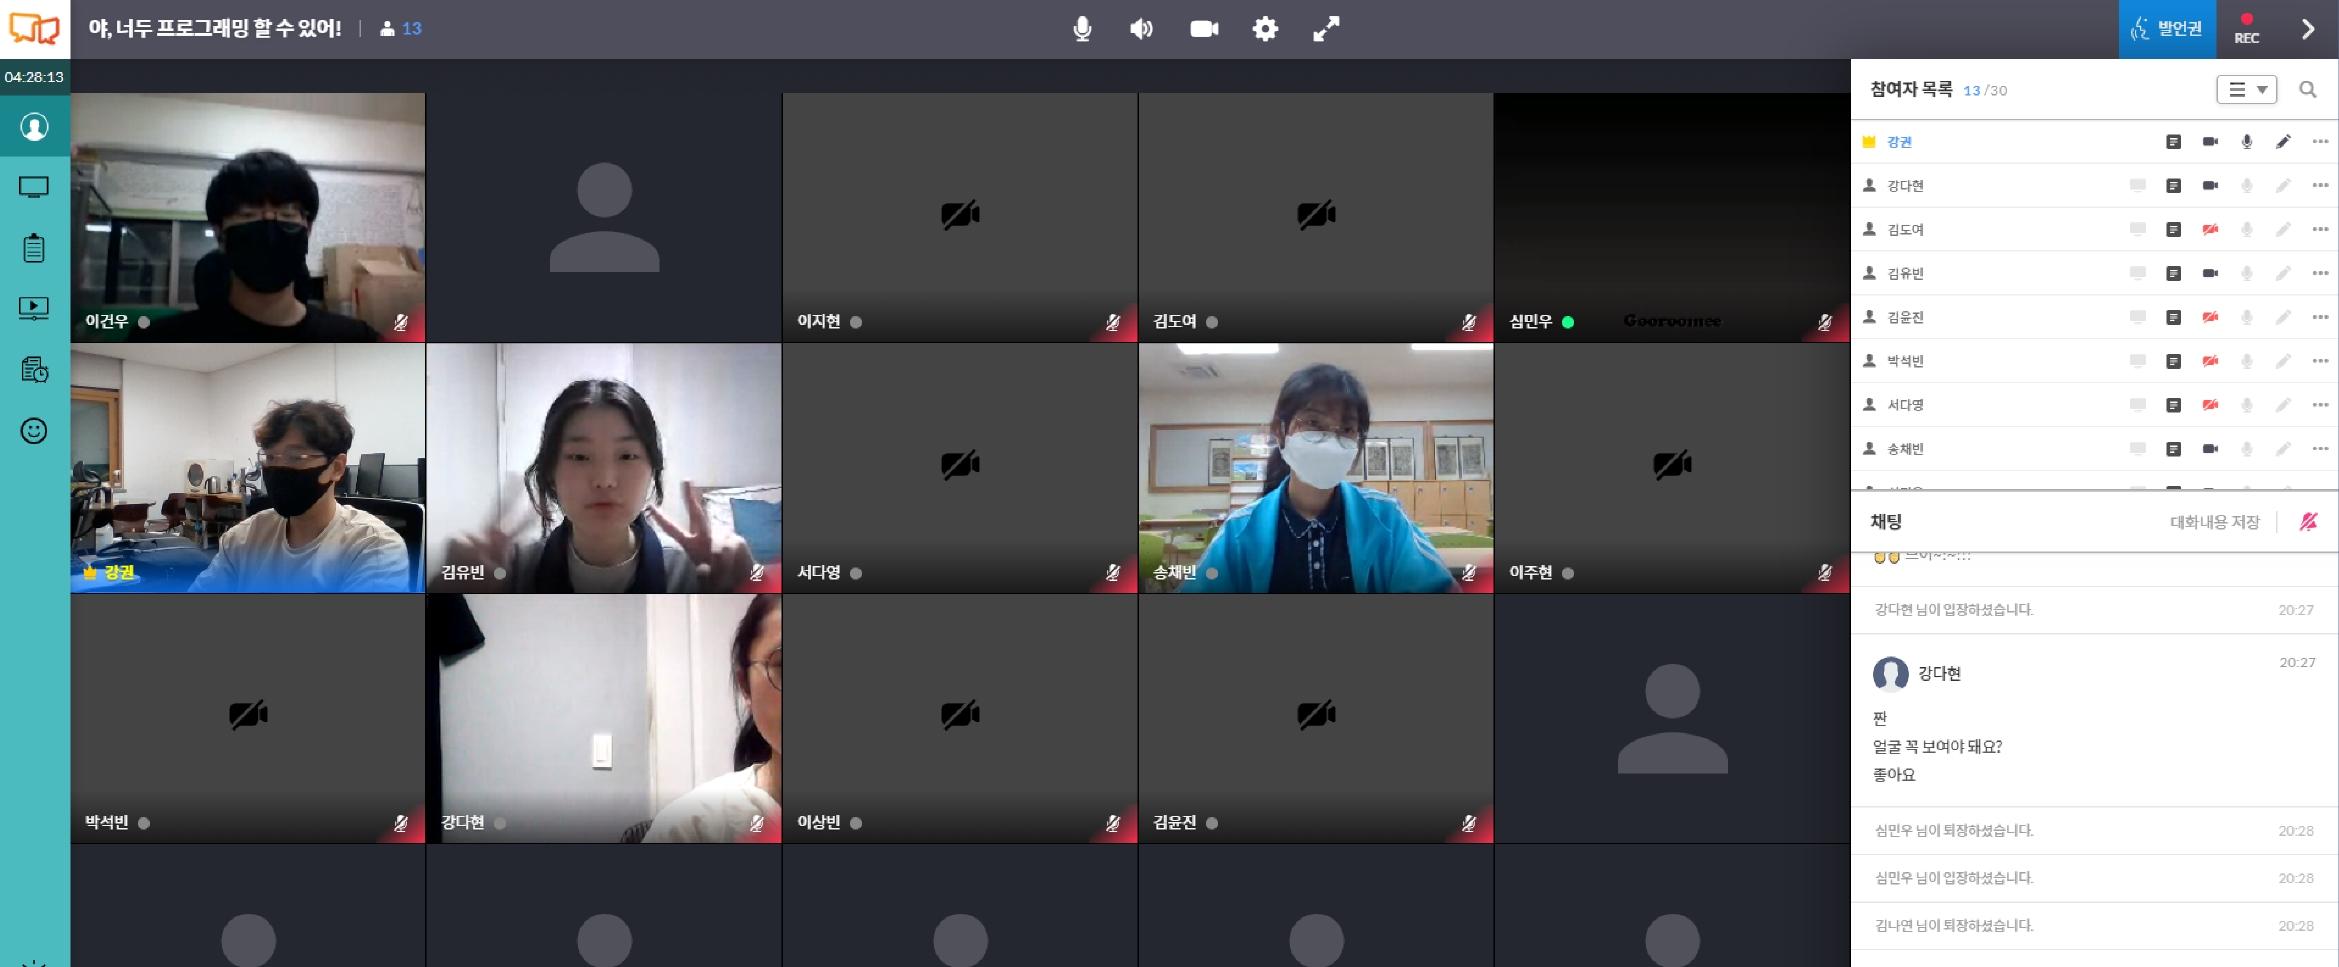 [광주]광주소프트웨어마이스터고, 2학기 온라인 공동교육과정 개설